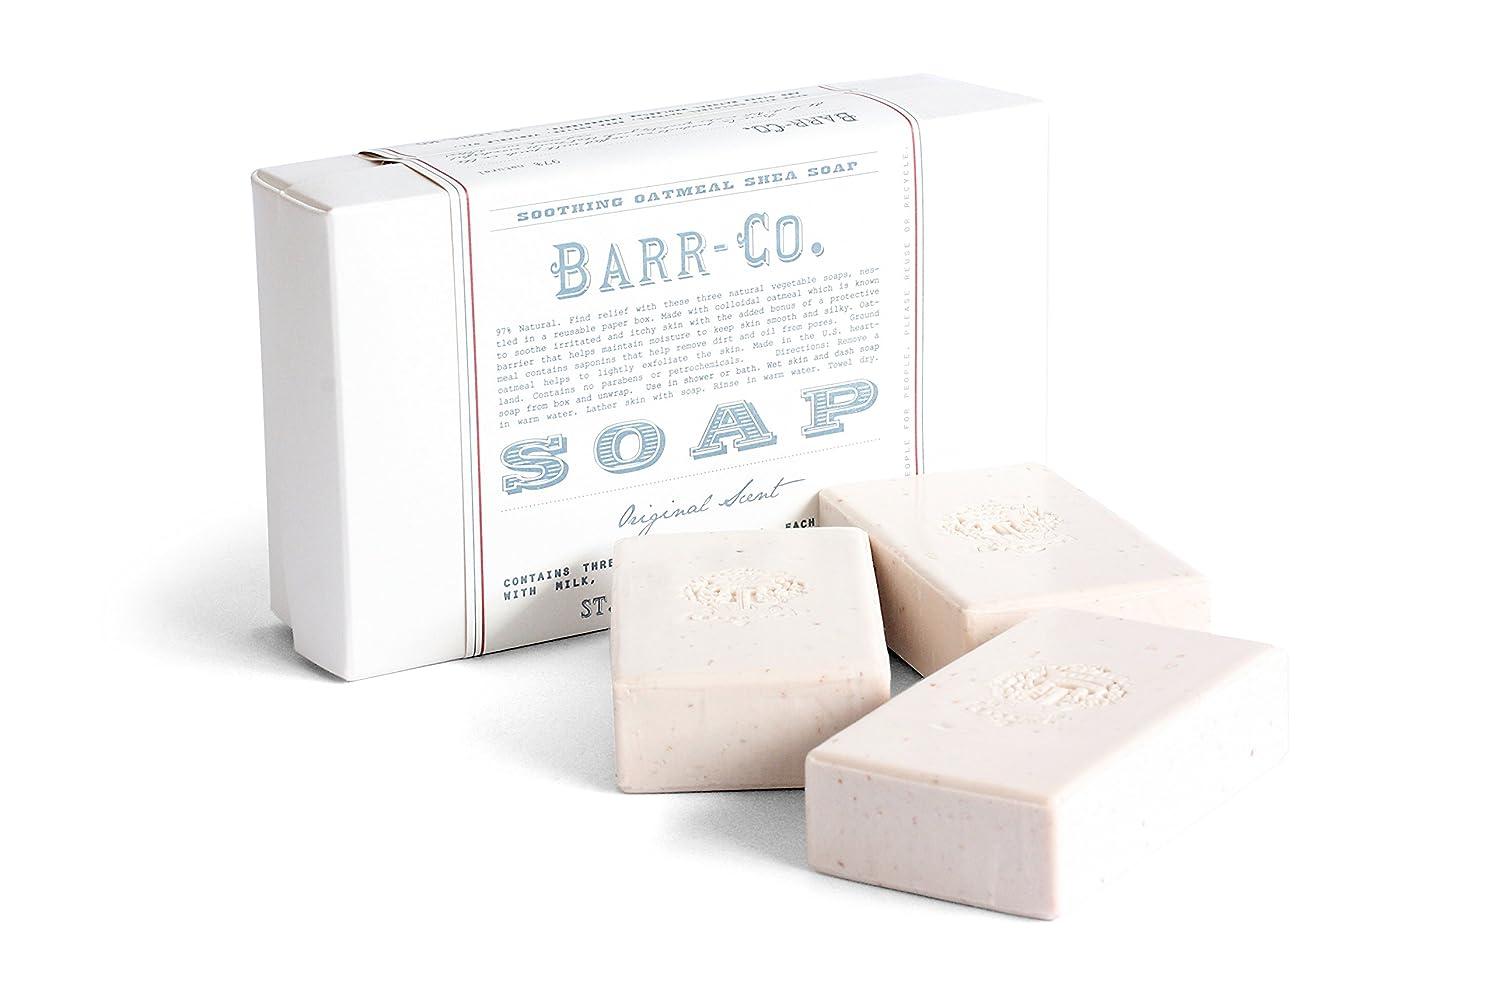 軽く革命的イライラするBARR-CO.(バーコー) ソープ